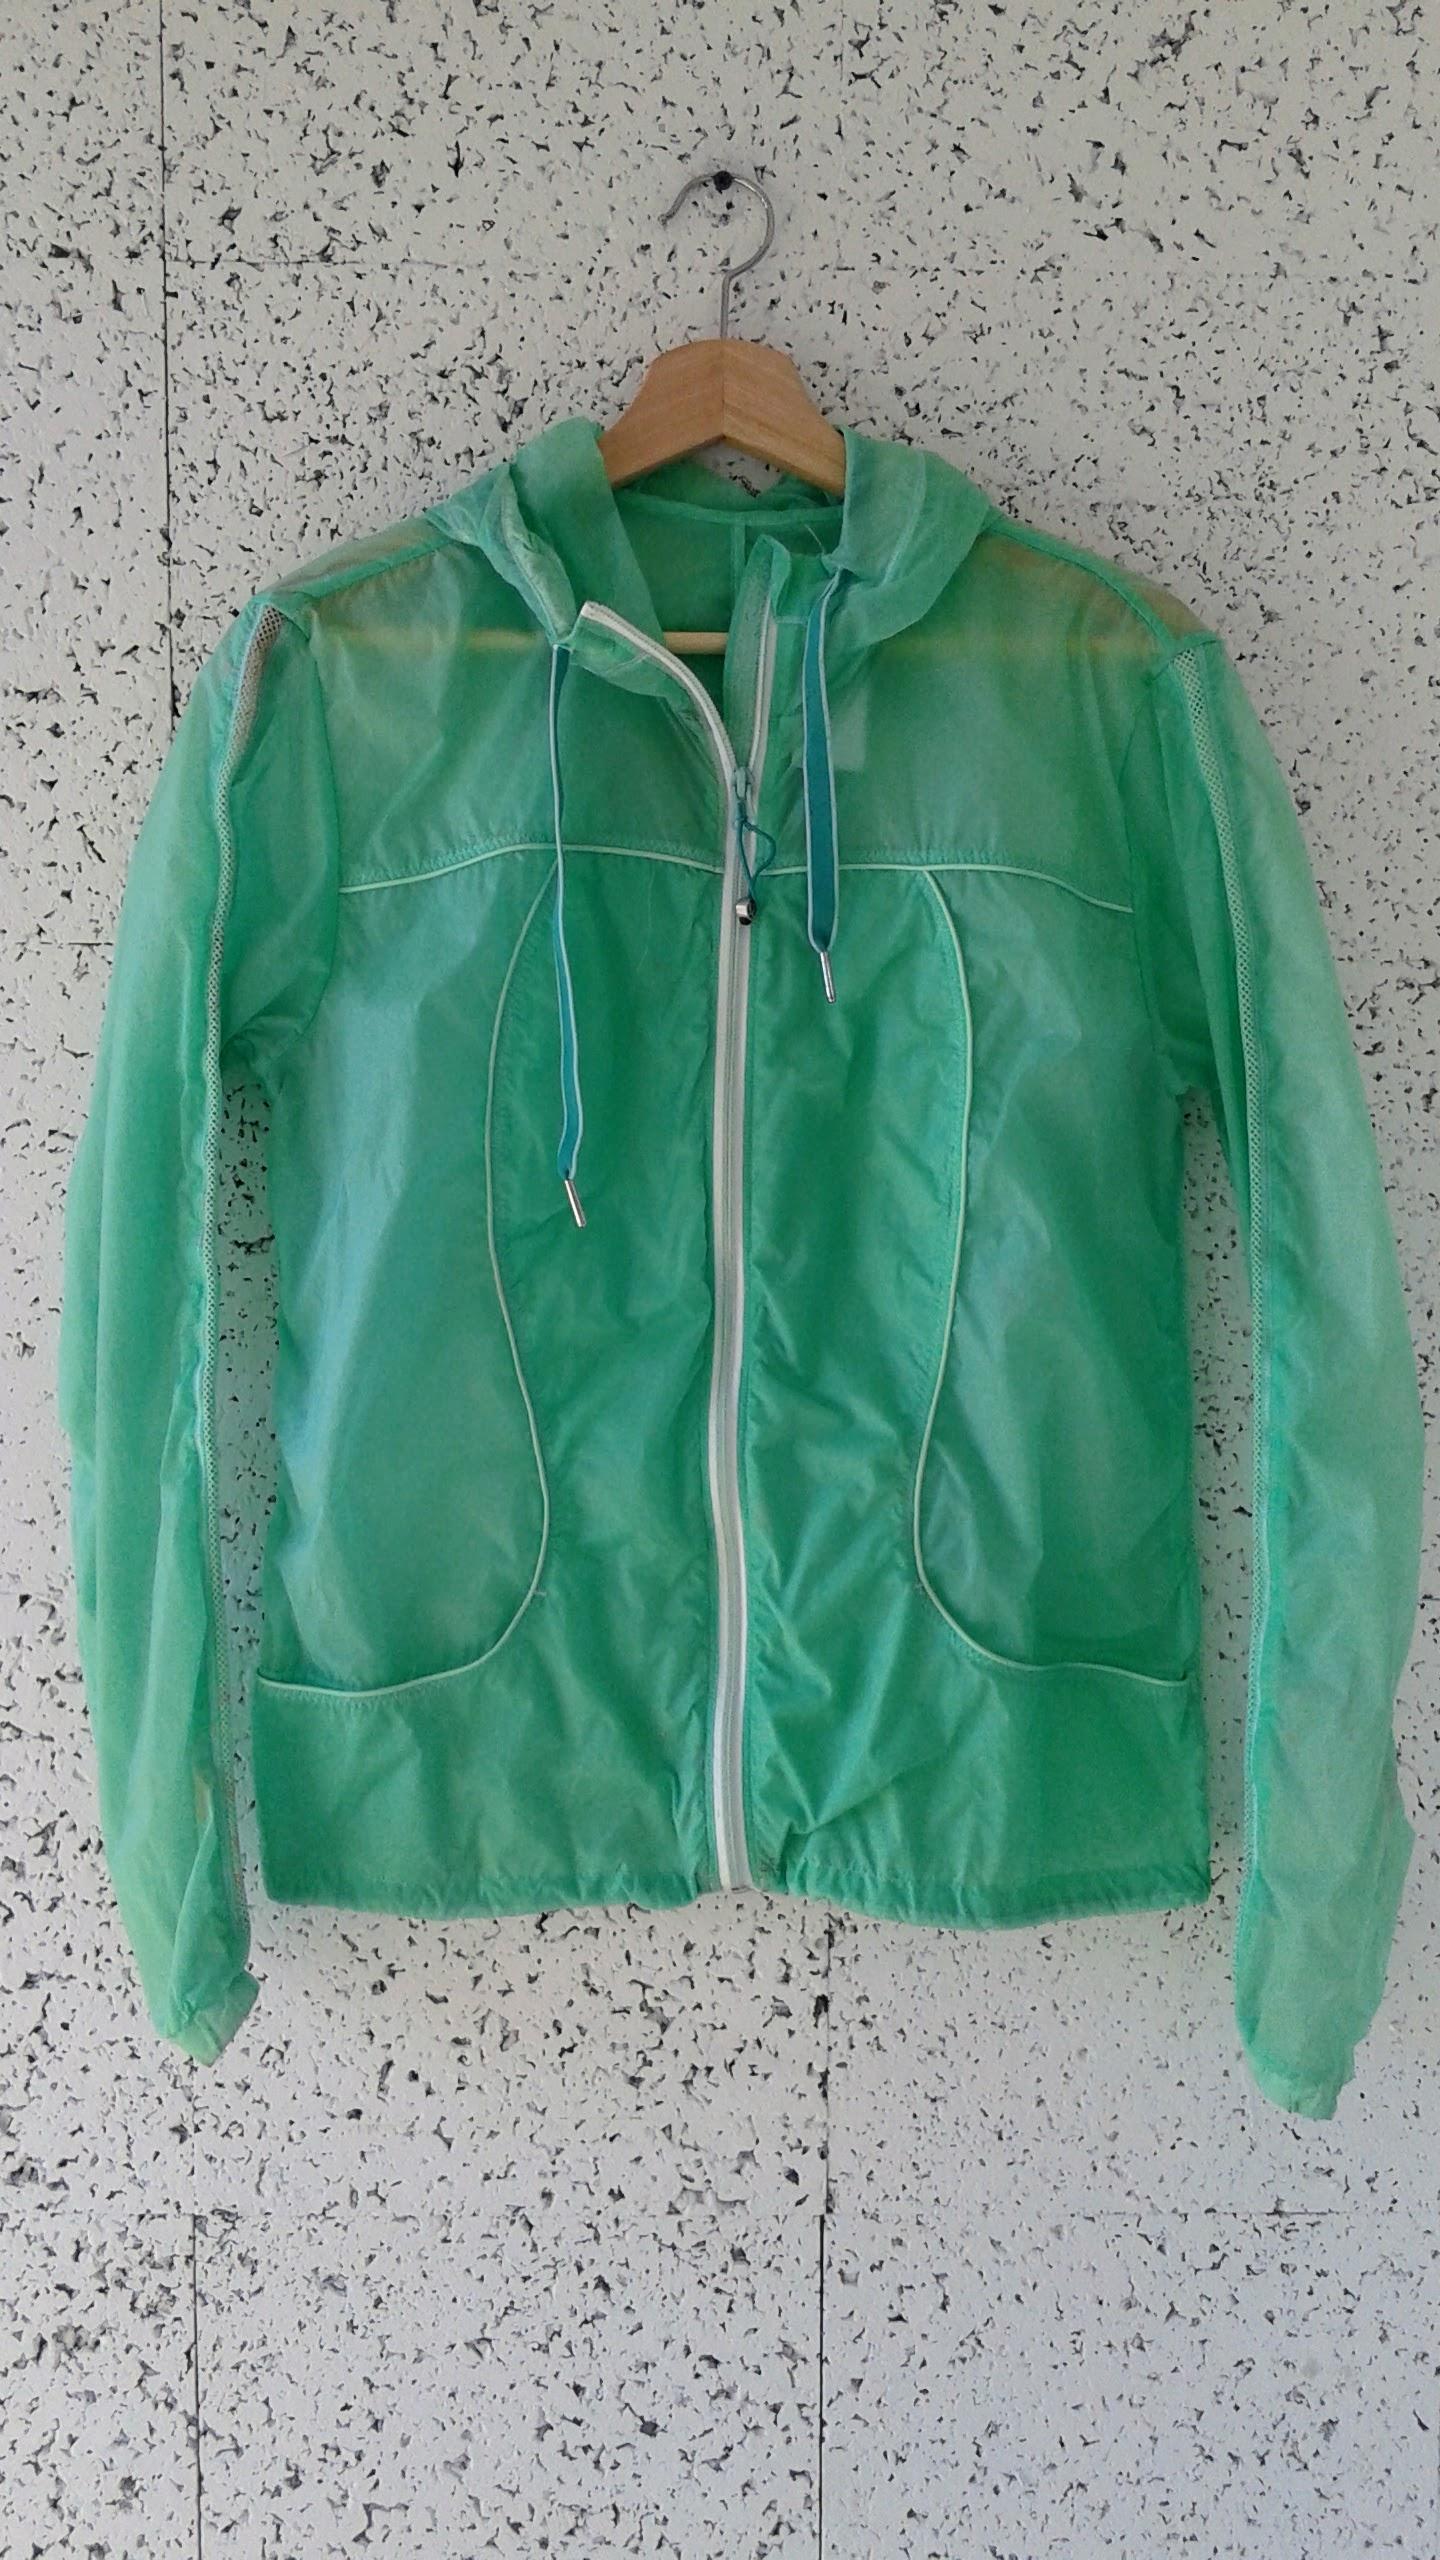 Lululemon jacket; Size M, $28